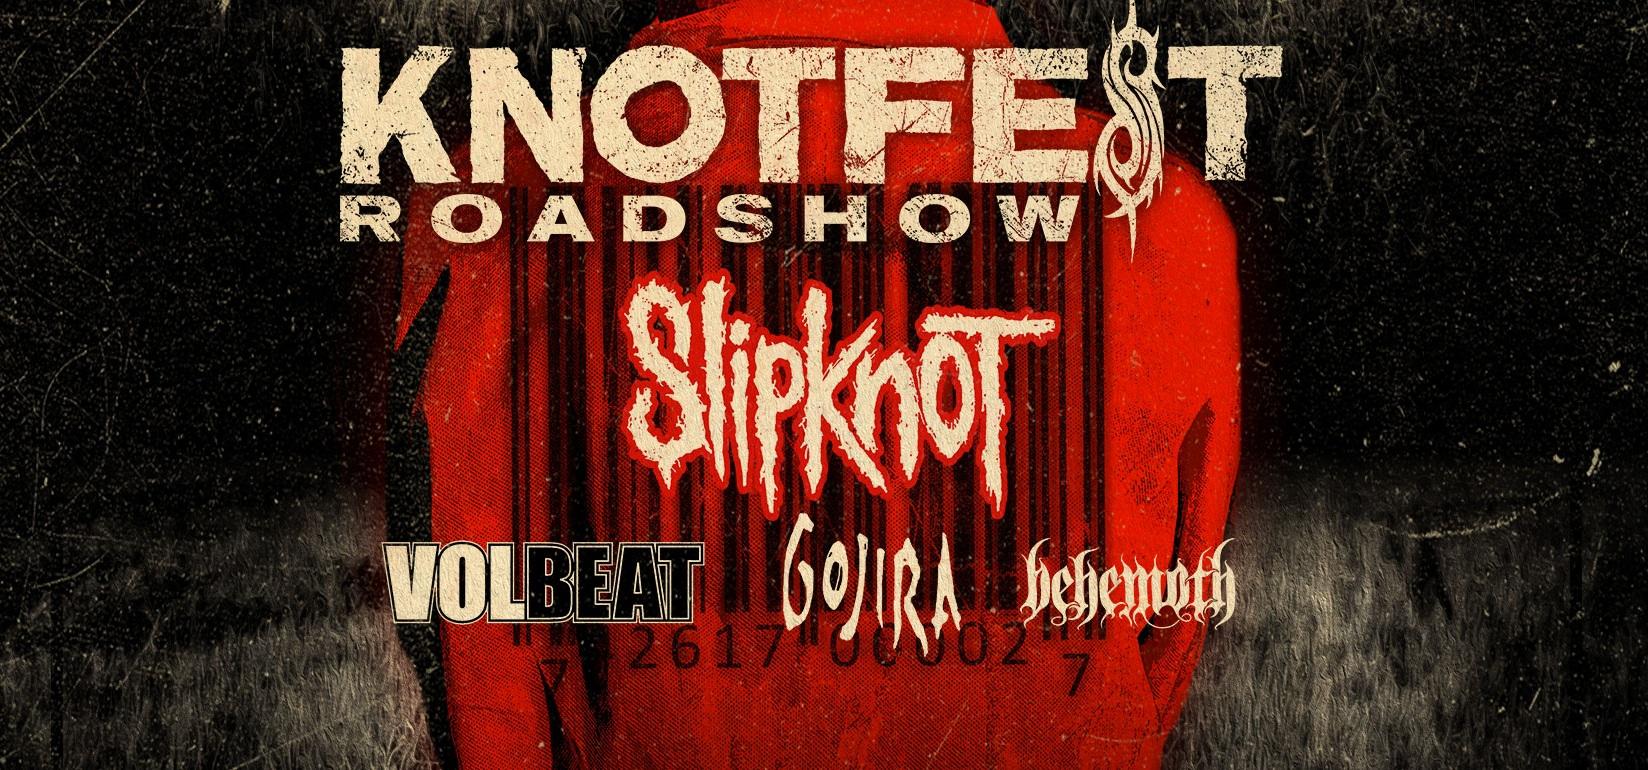 Slipknot-Header-1-9970b1fb78.jpg